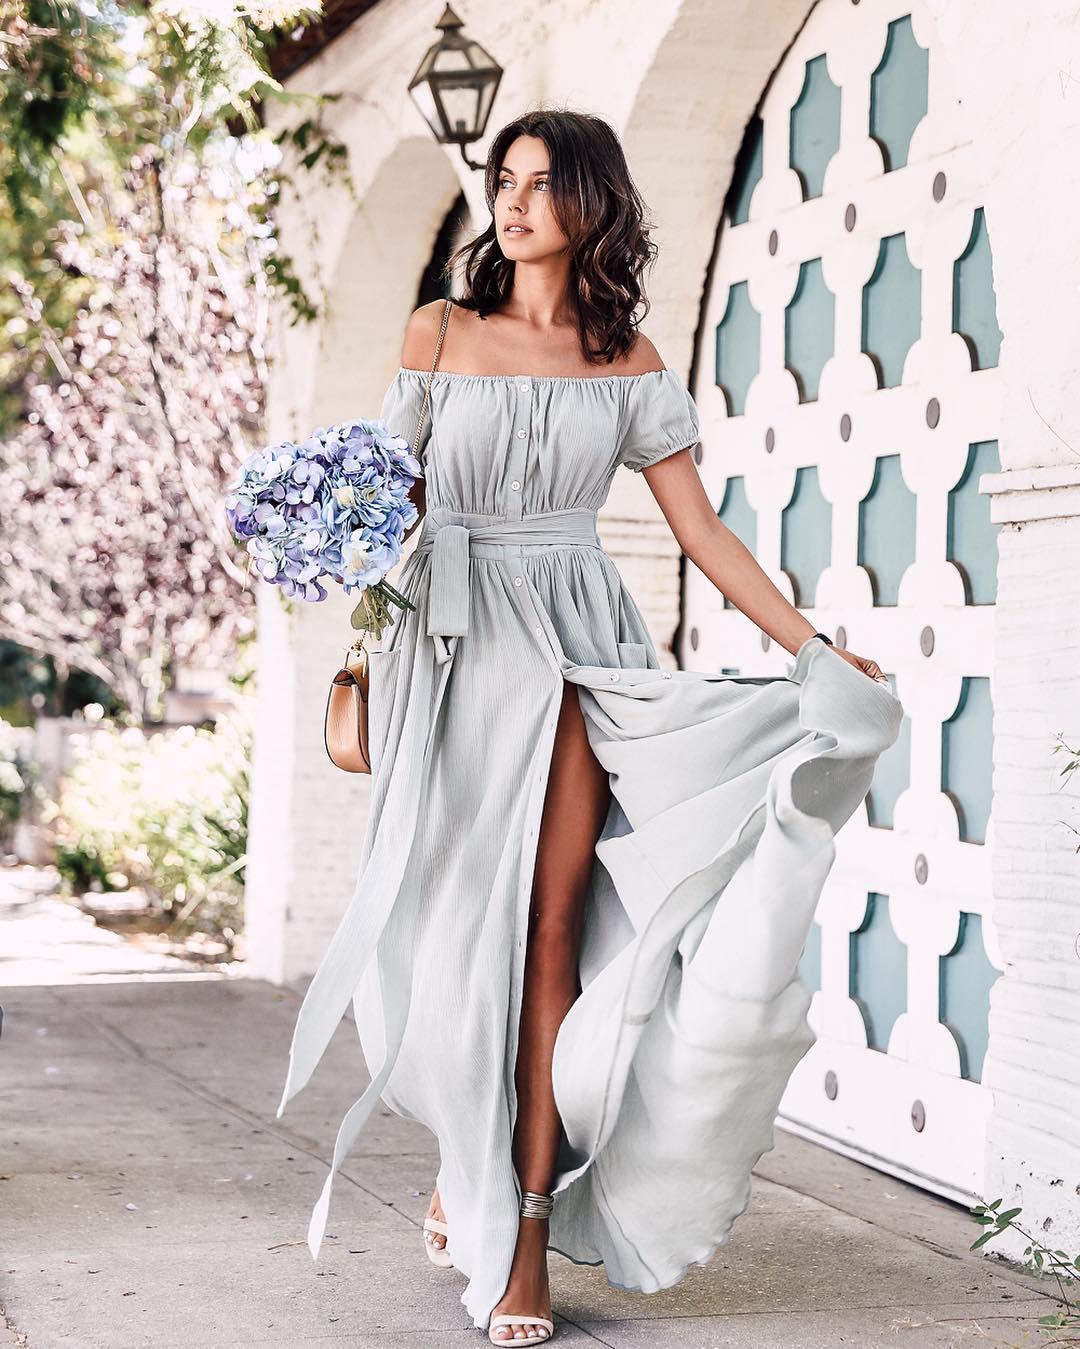 Какие платья в моде летом 2018 фото для девушек